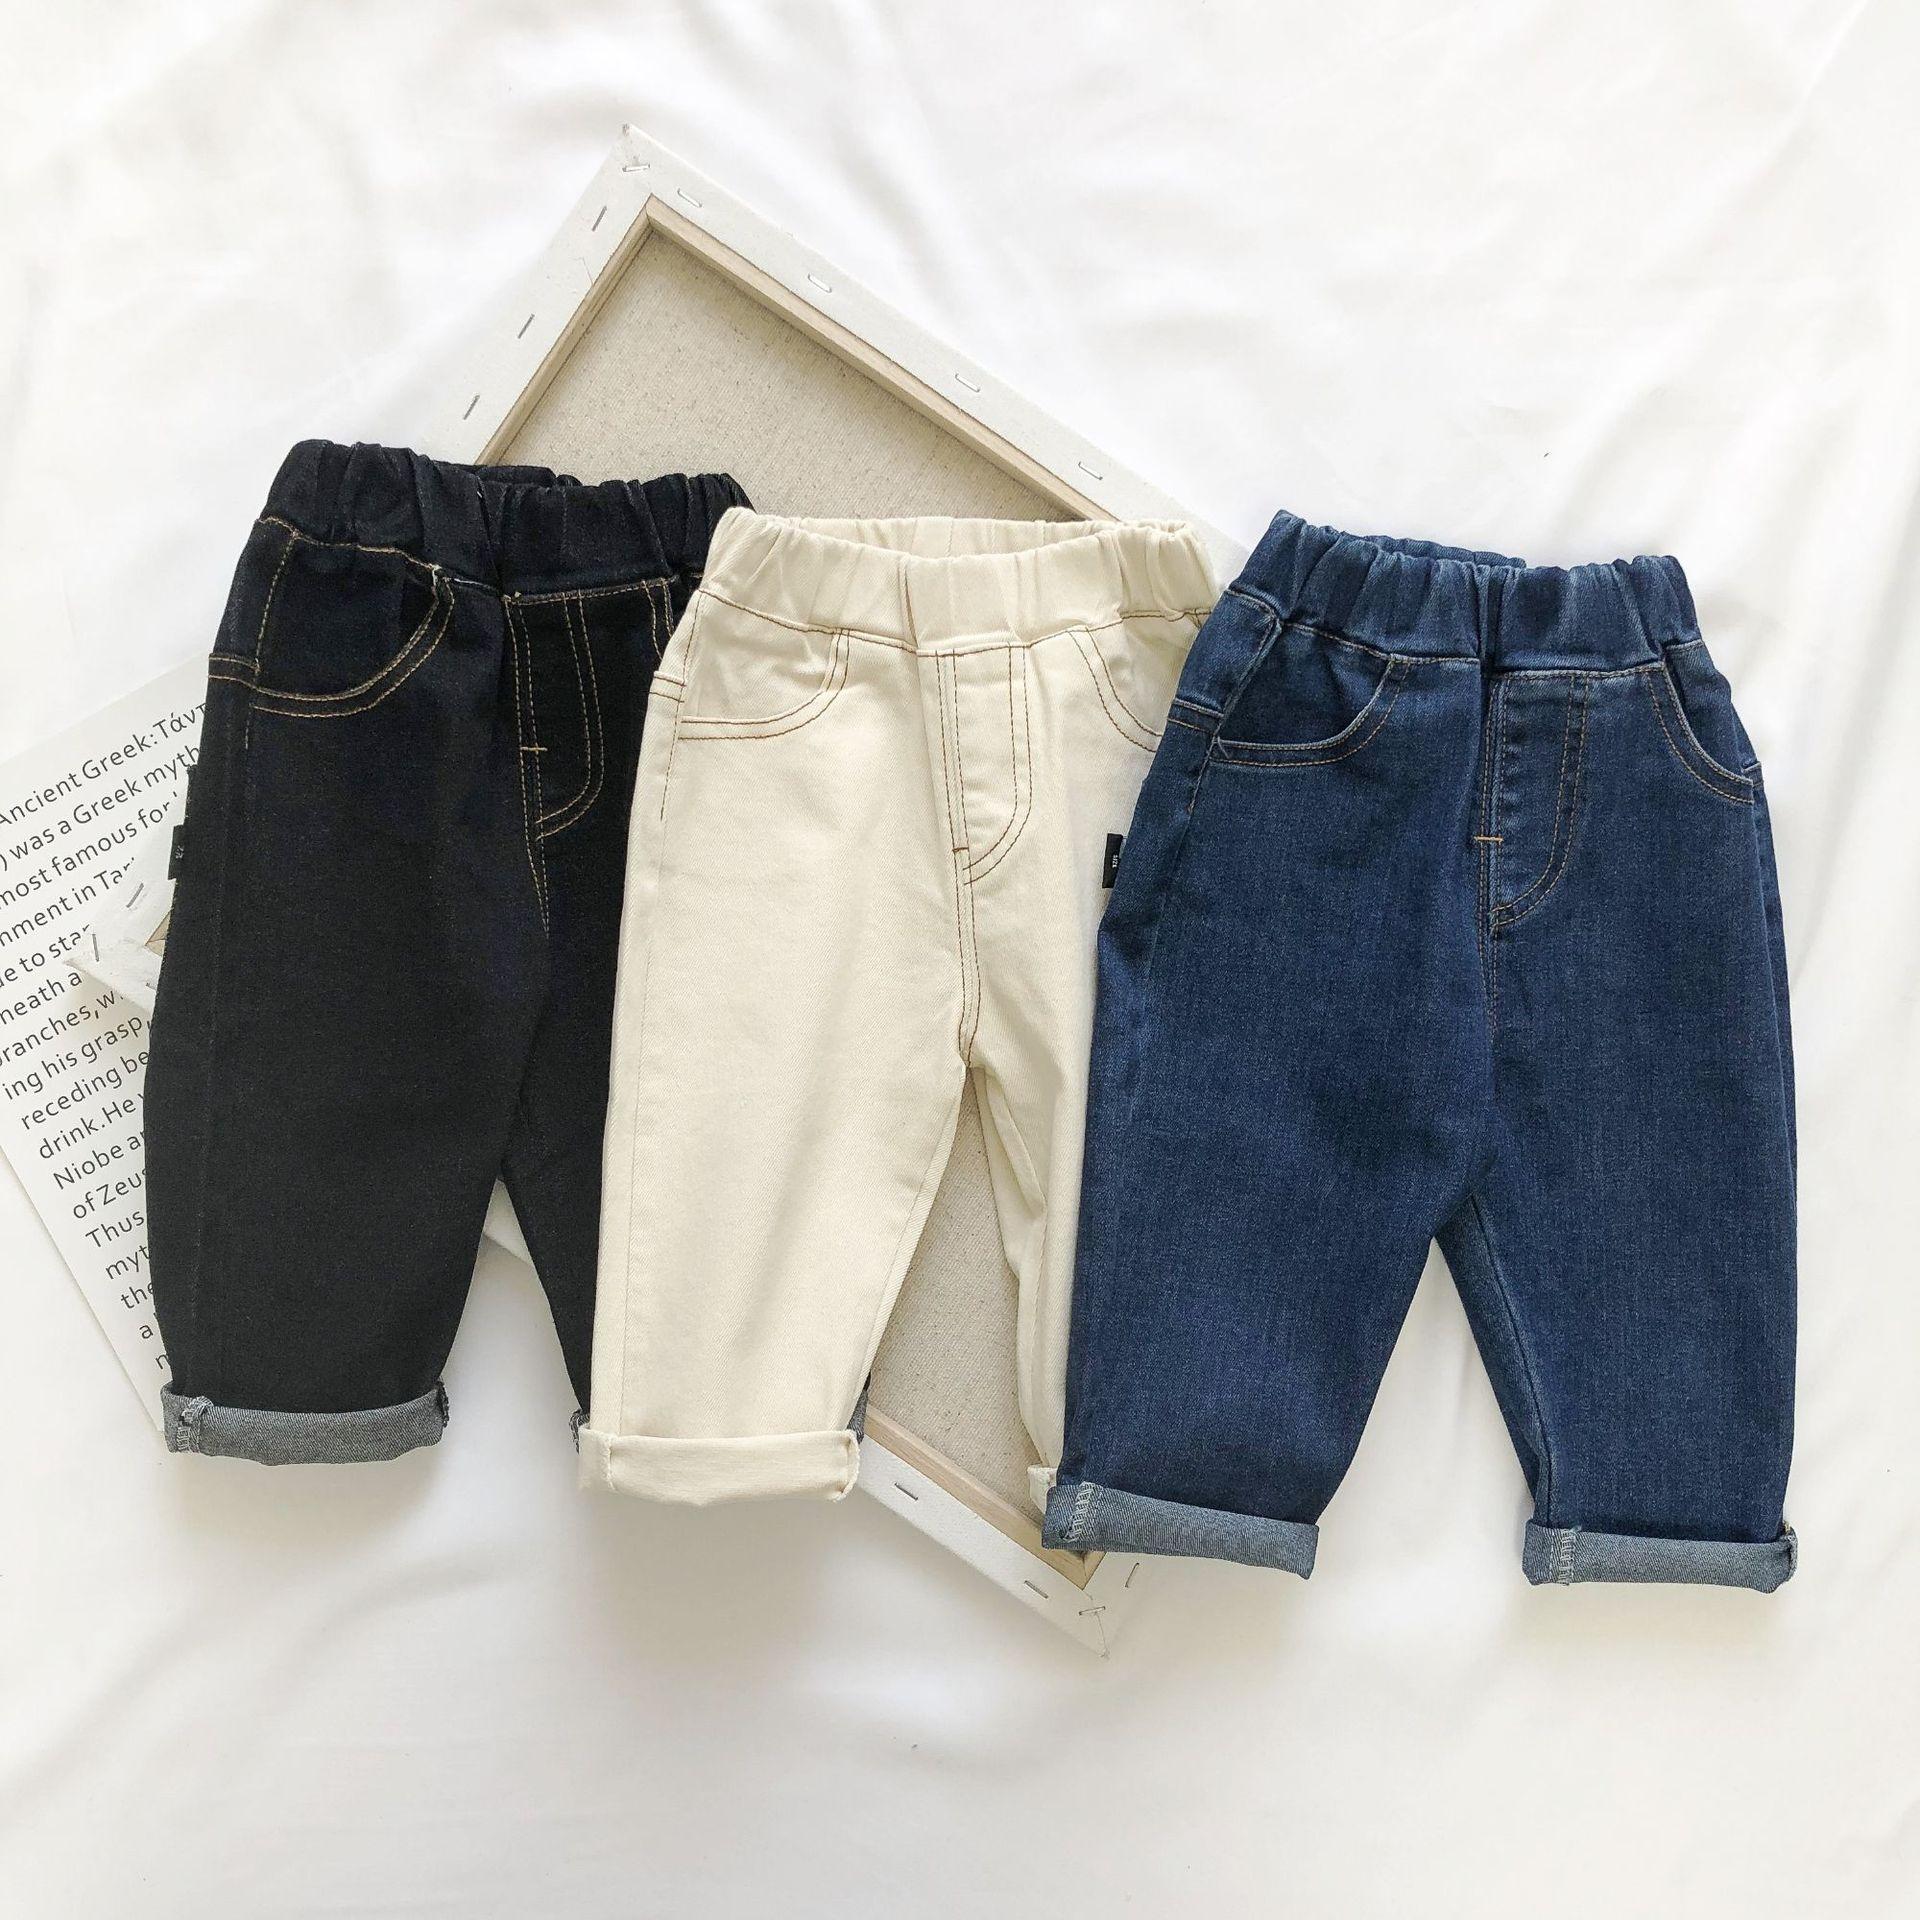 FANJINBABY Quần trẻ em Quần áo trẻ em cho bé trai quần jean mùa thu mới 0-5 tuổi Quần trẻ em lỏng lẻ